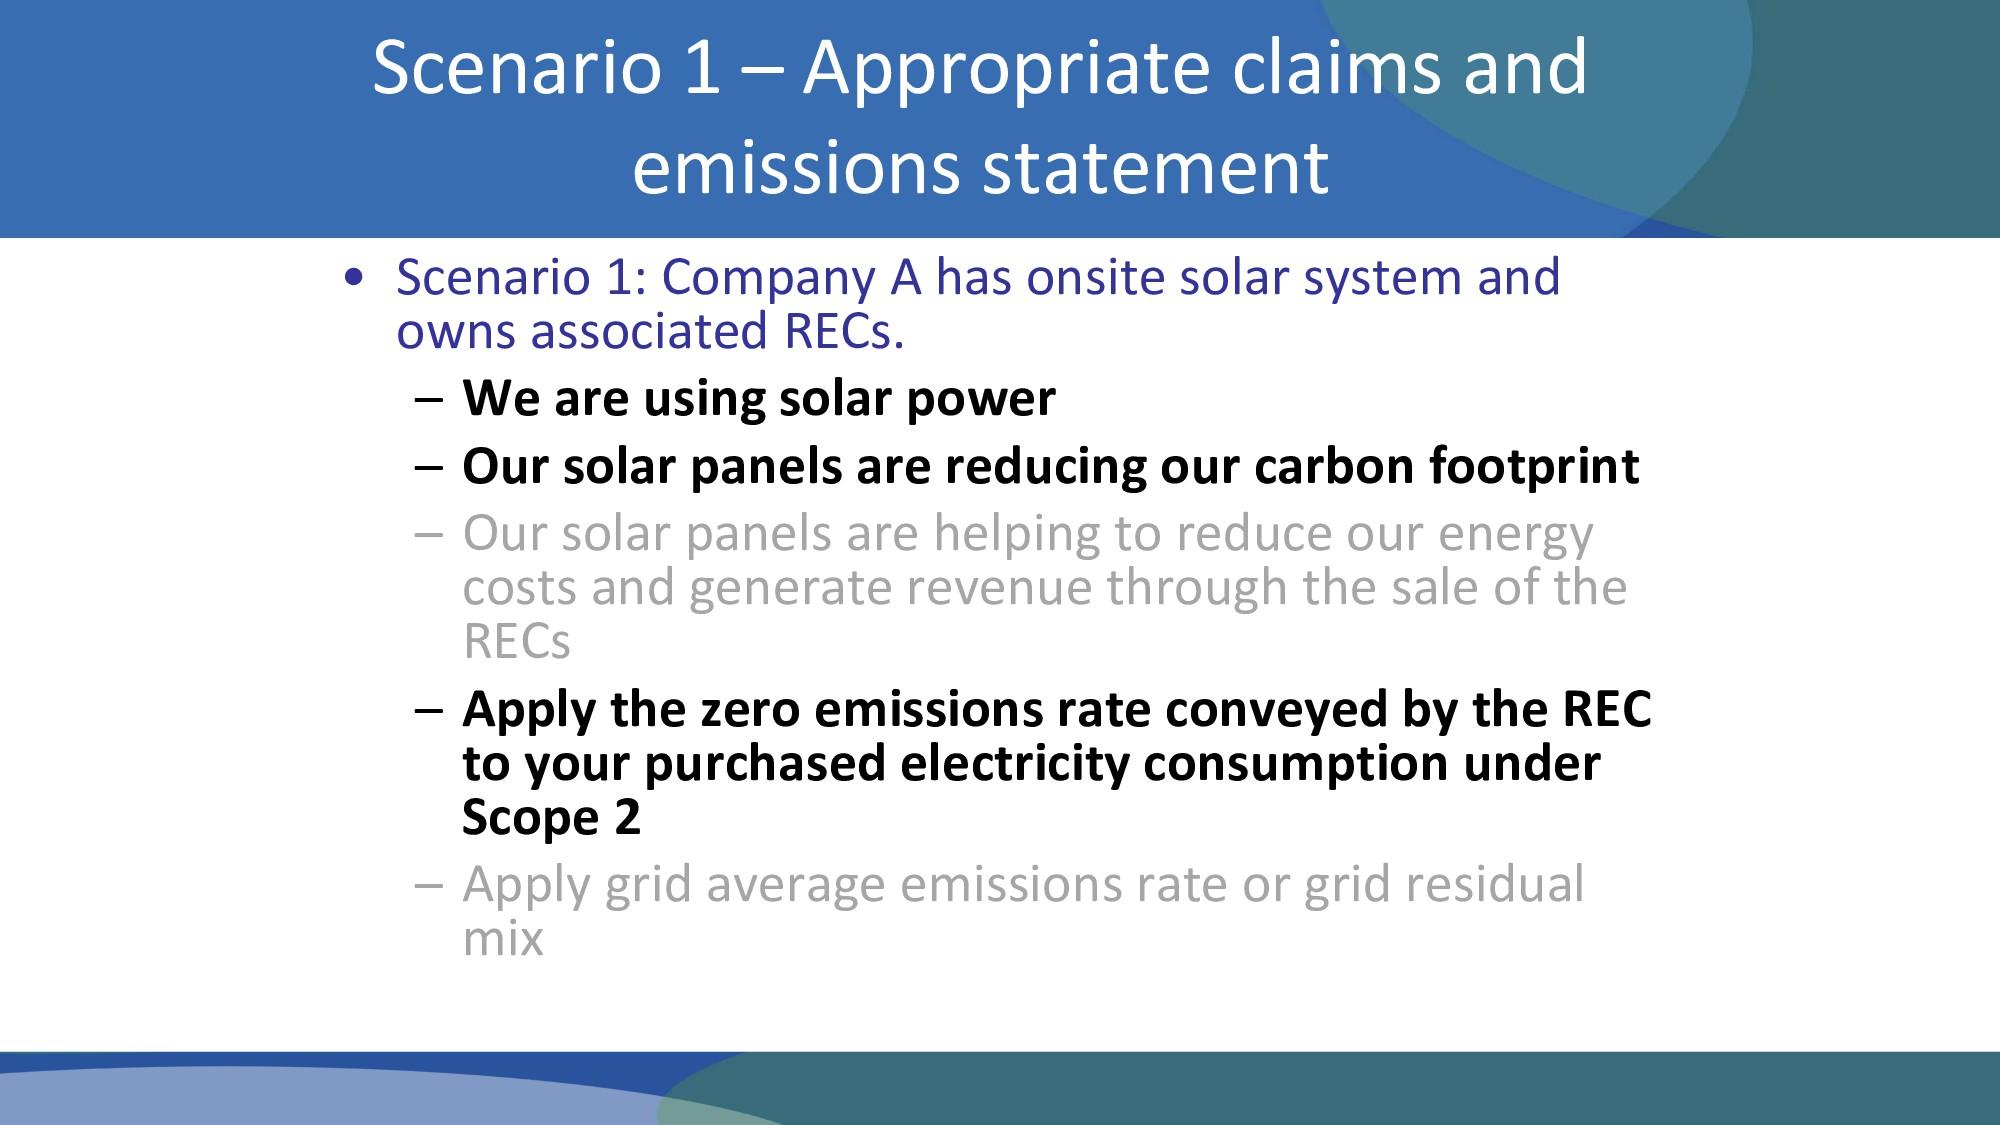 • Scenario 1: Company A has onsite solar system...